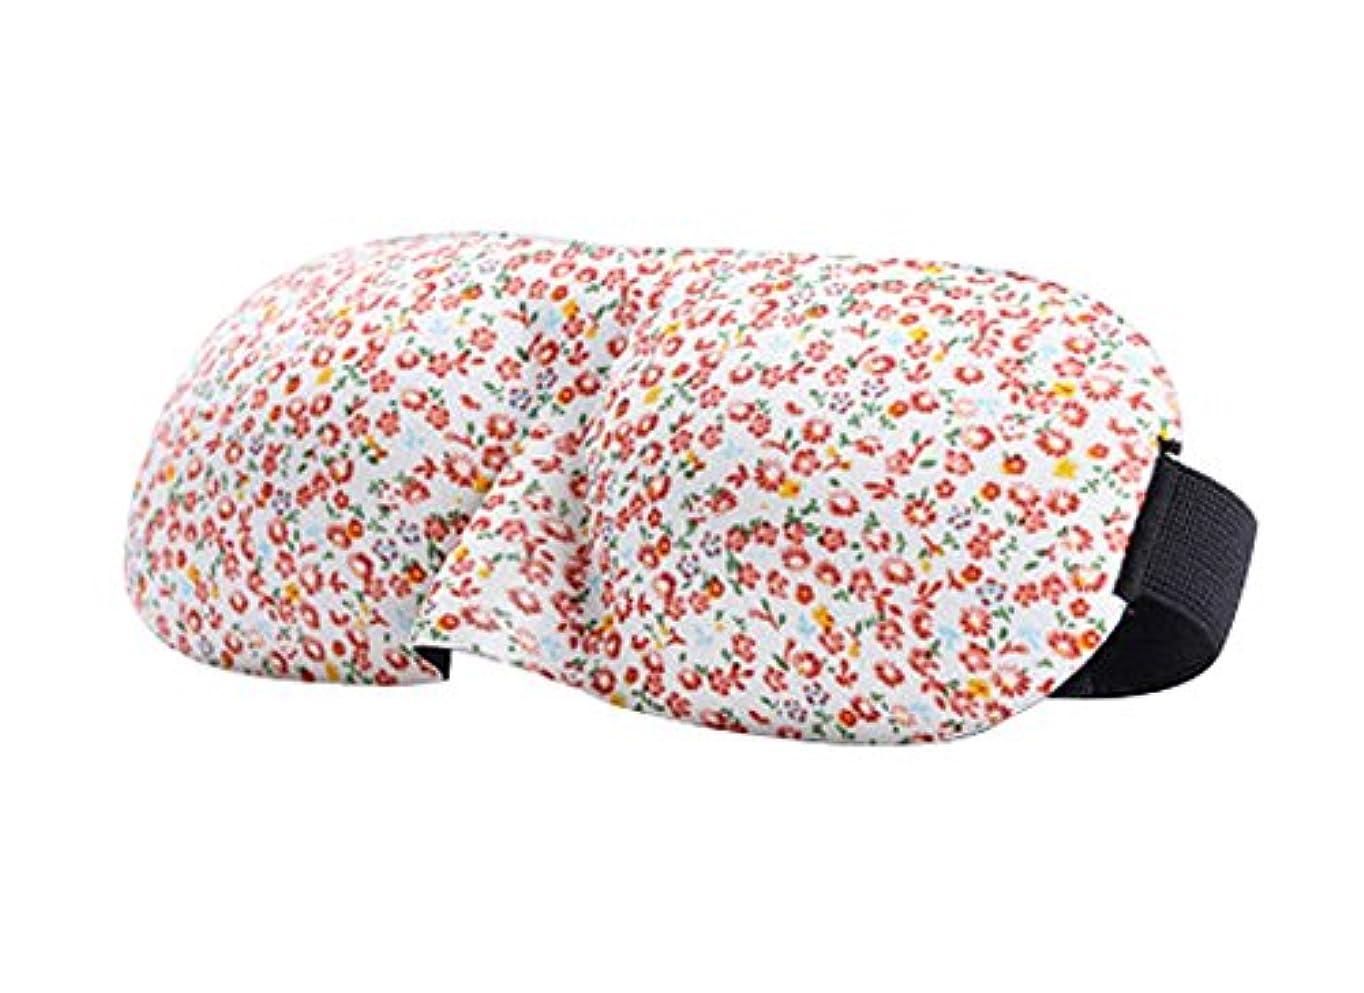 2つの素敵な花のアイシェイド睡眠アイマスク男性女性の3Dソフトアイマスク